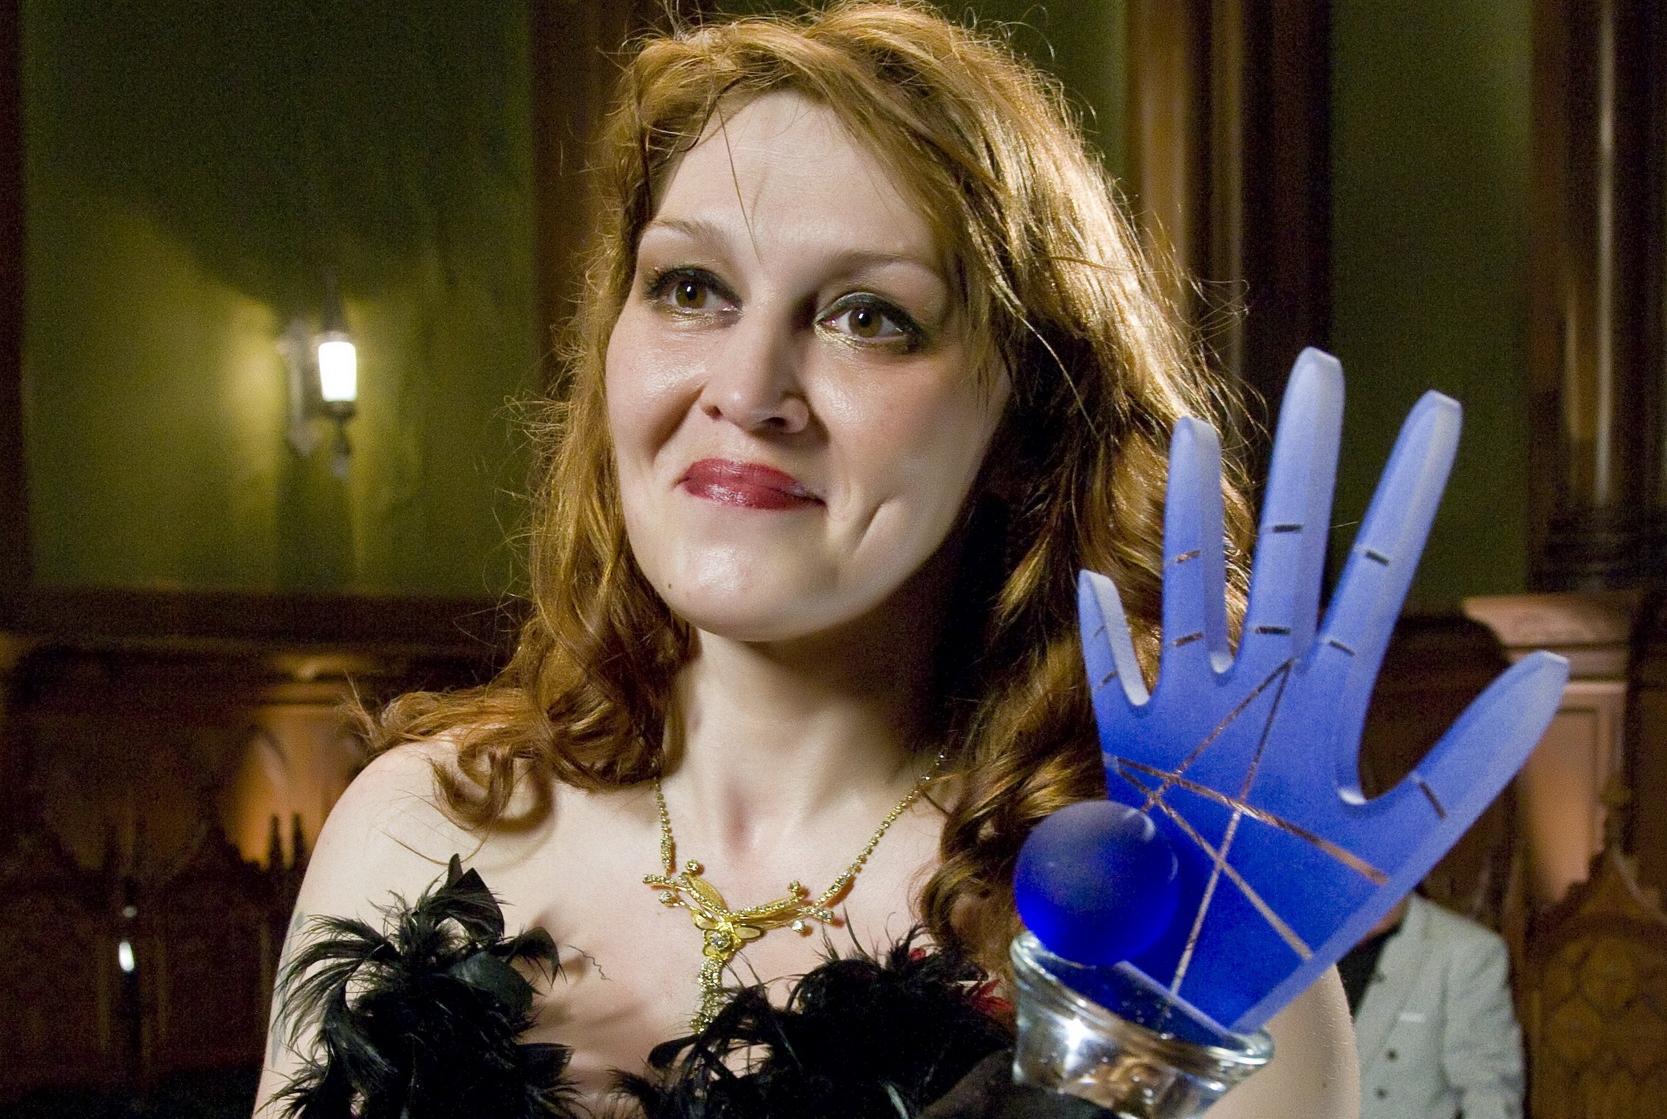 Победительница «Битвы экстрасенсов» выставила на продажу «Синюю руку»